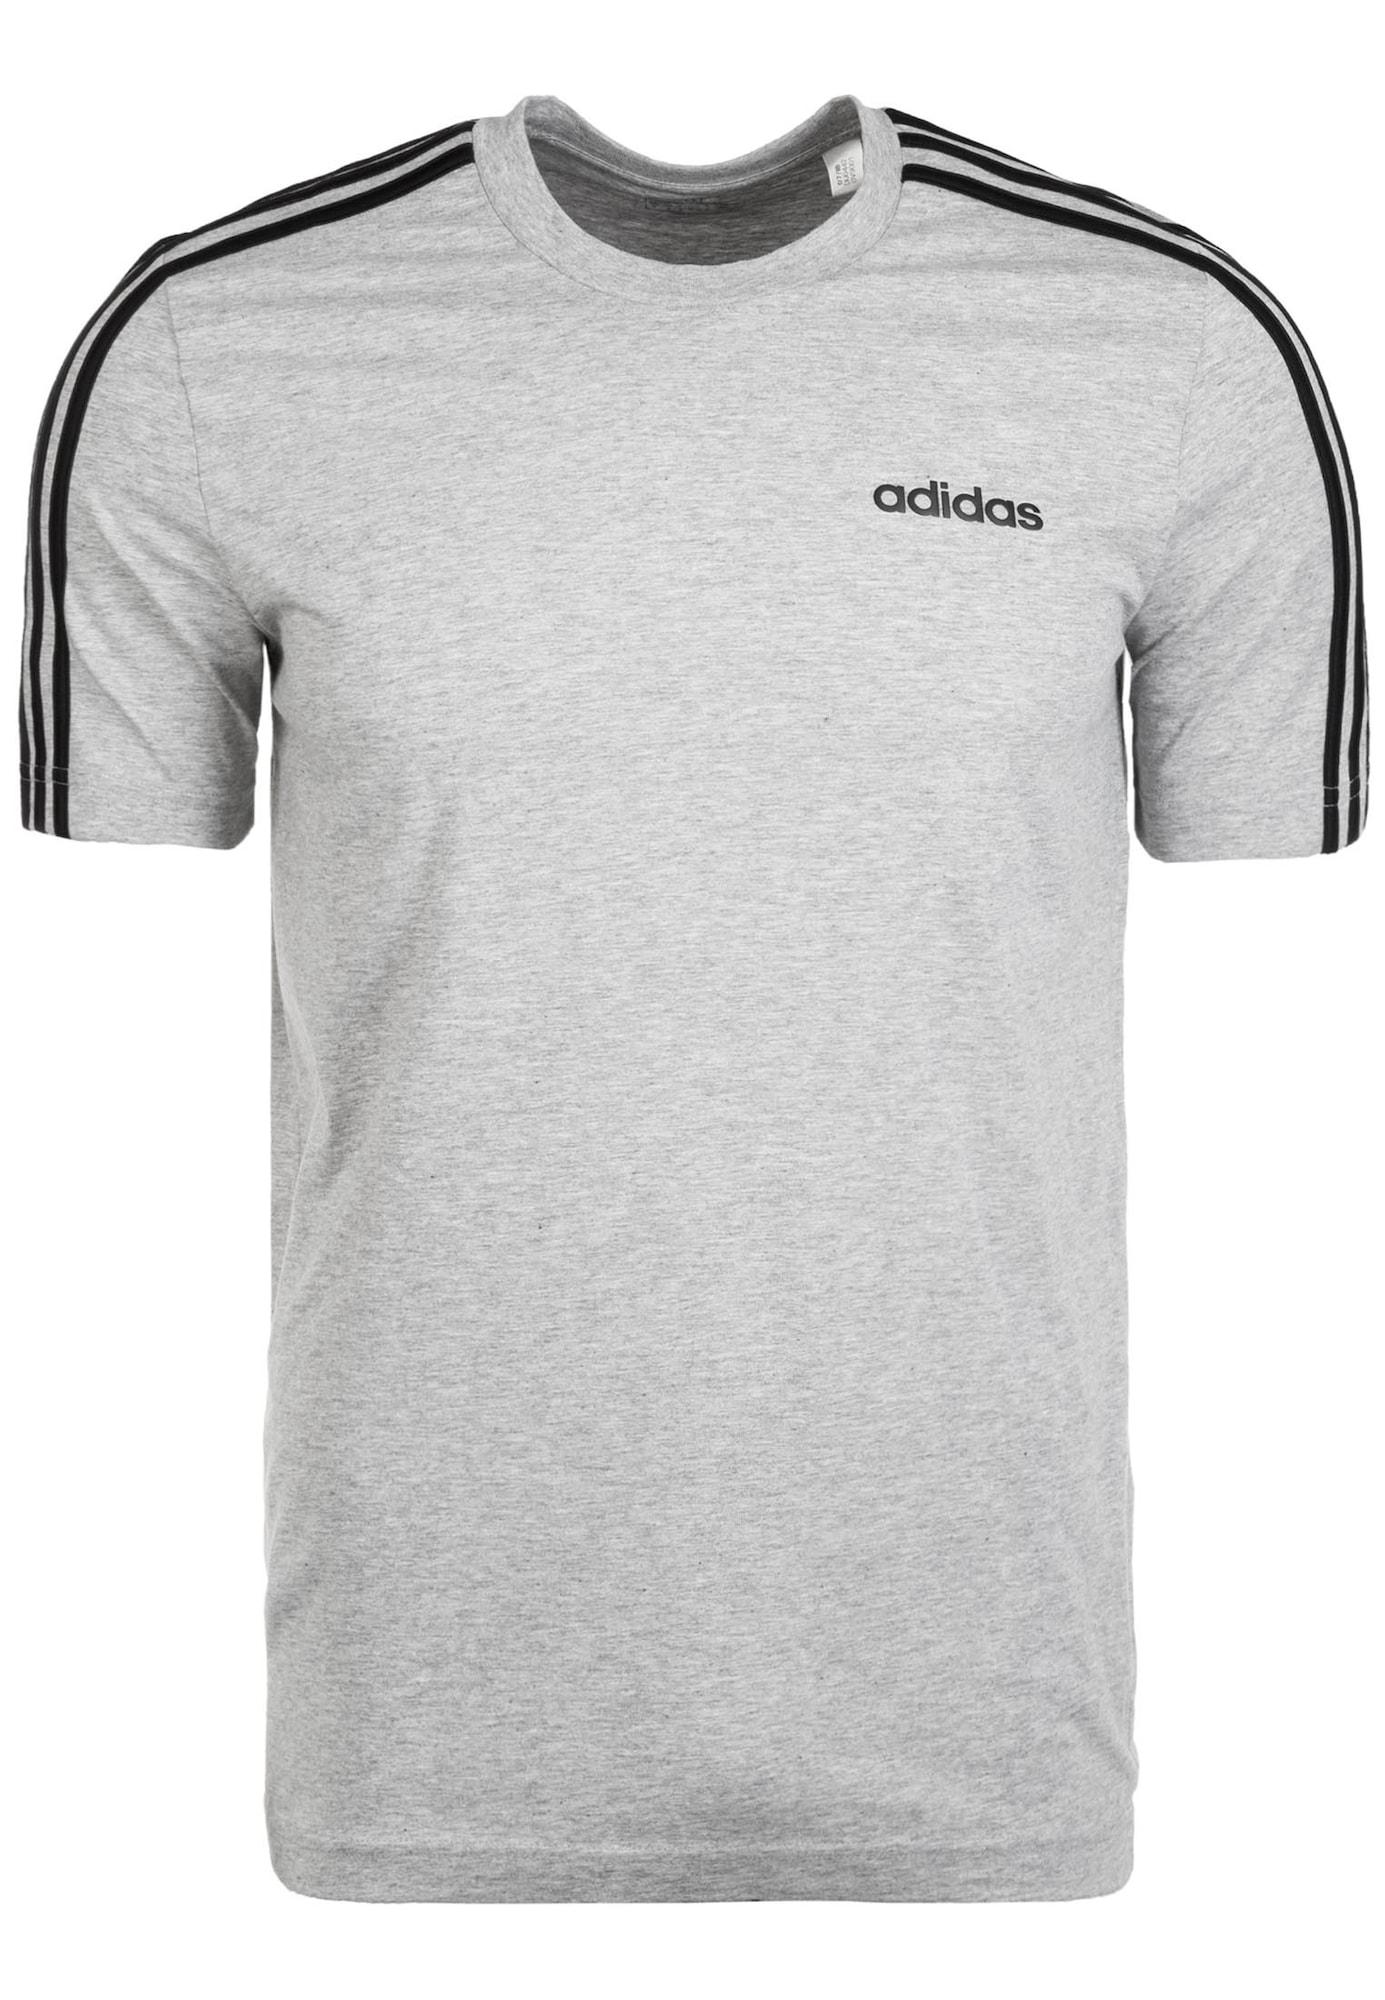 ADIDAS PERFORMANCE Sportiniai marškinėliai 'Essentials 3 Stripes' juoda / margai pilka